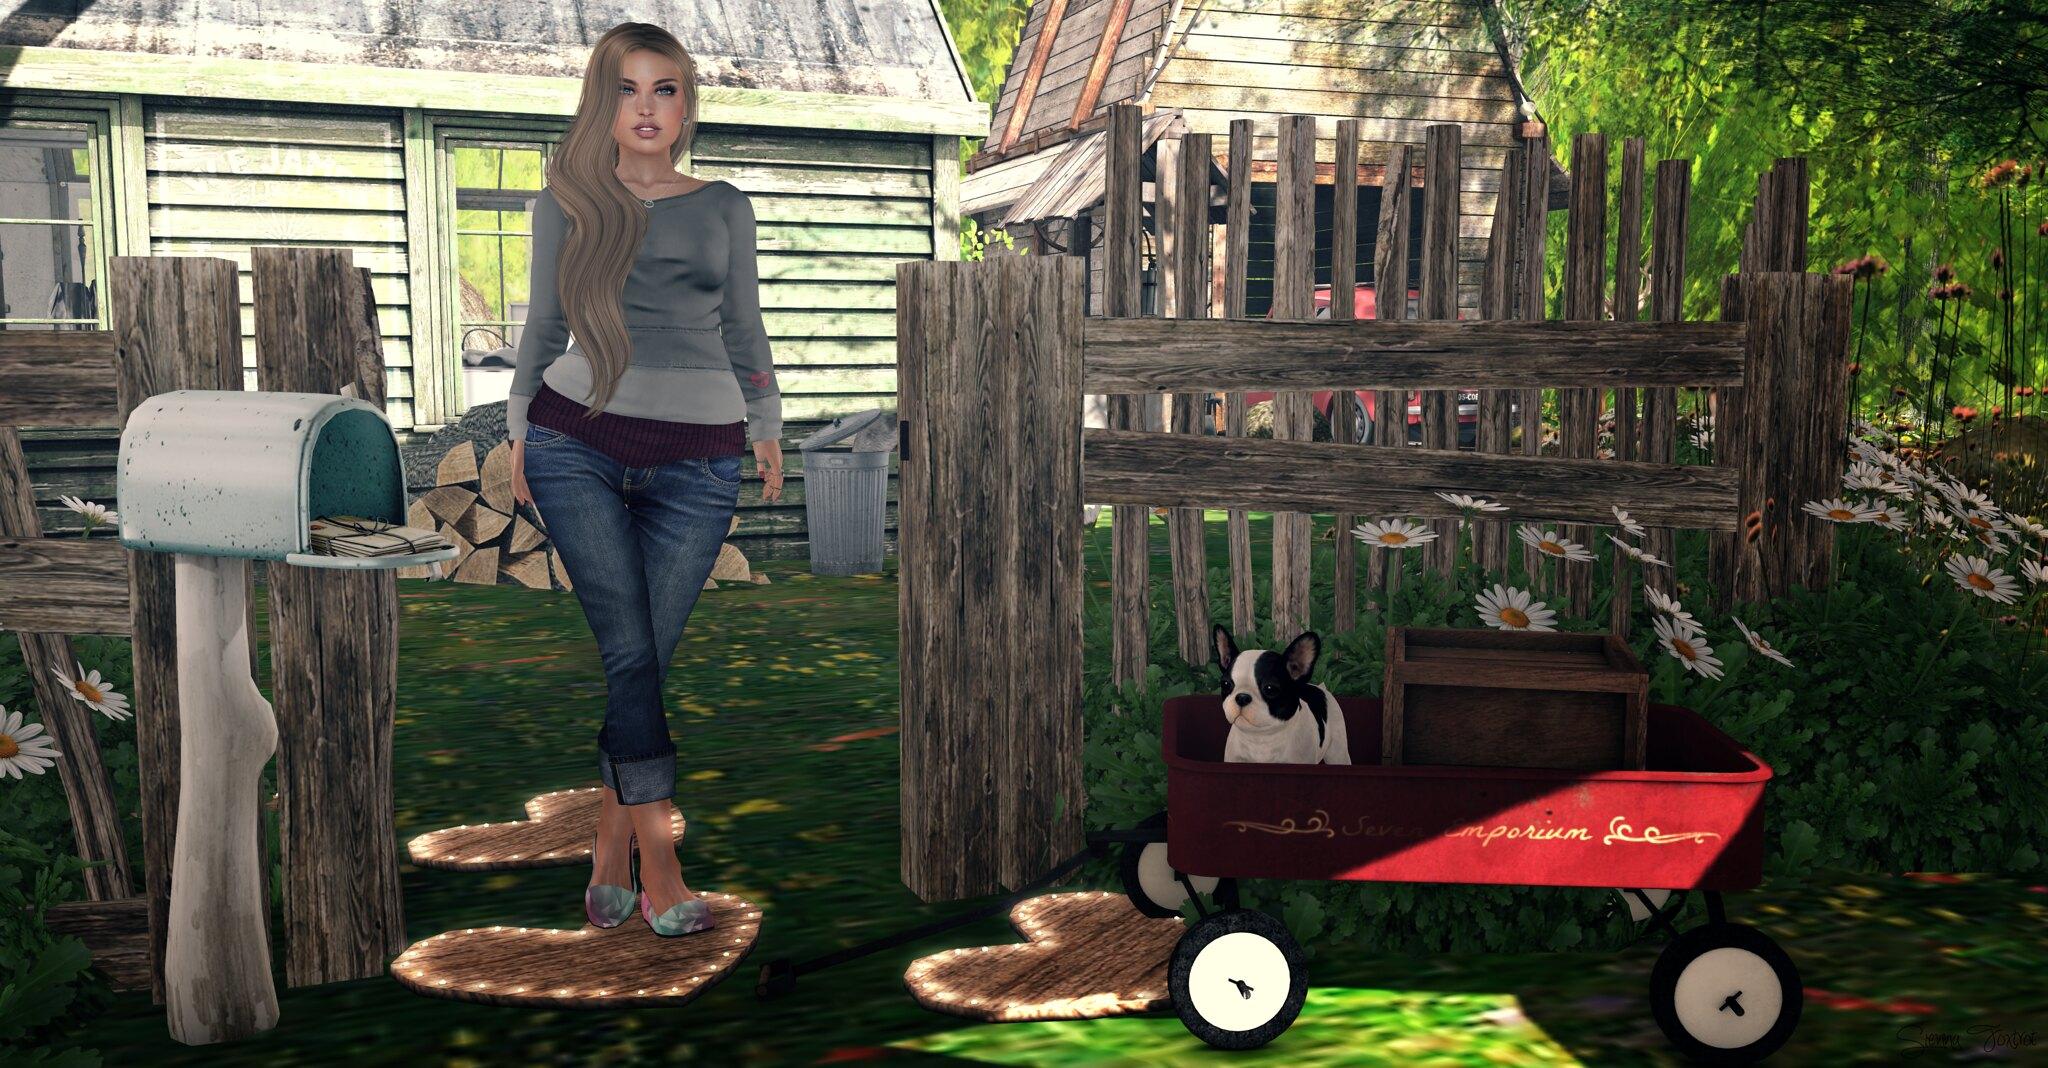 Gwen's Garden